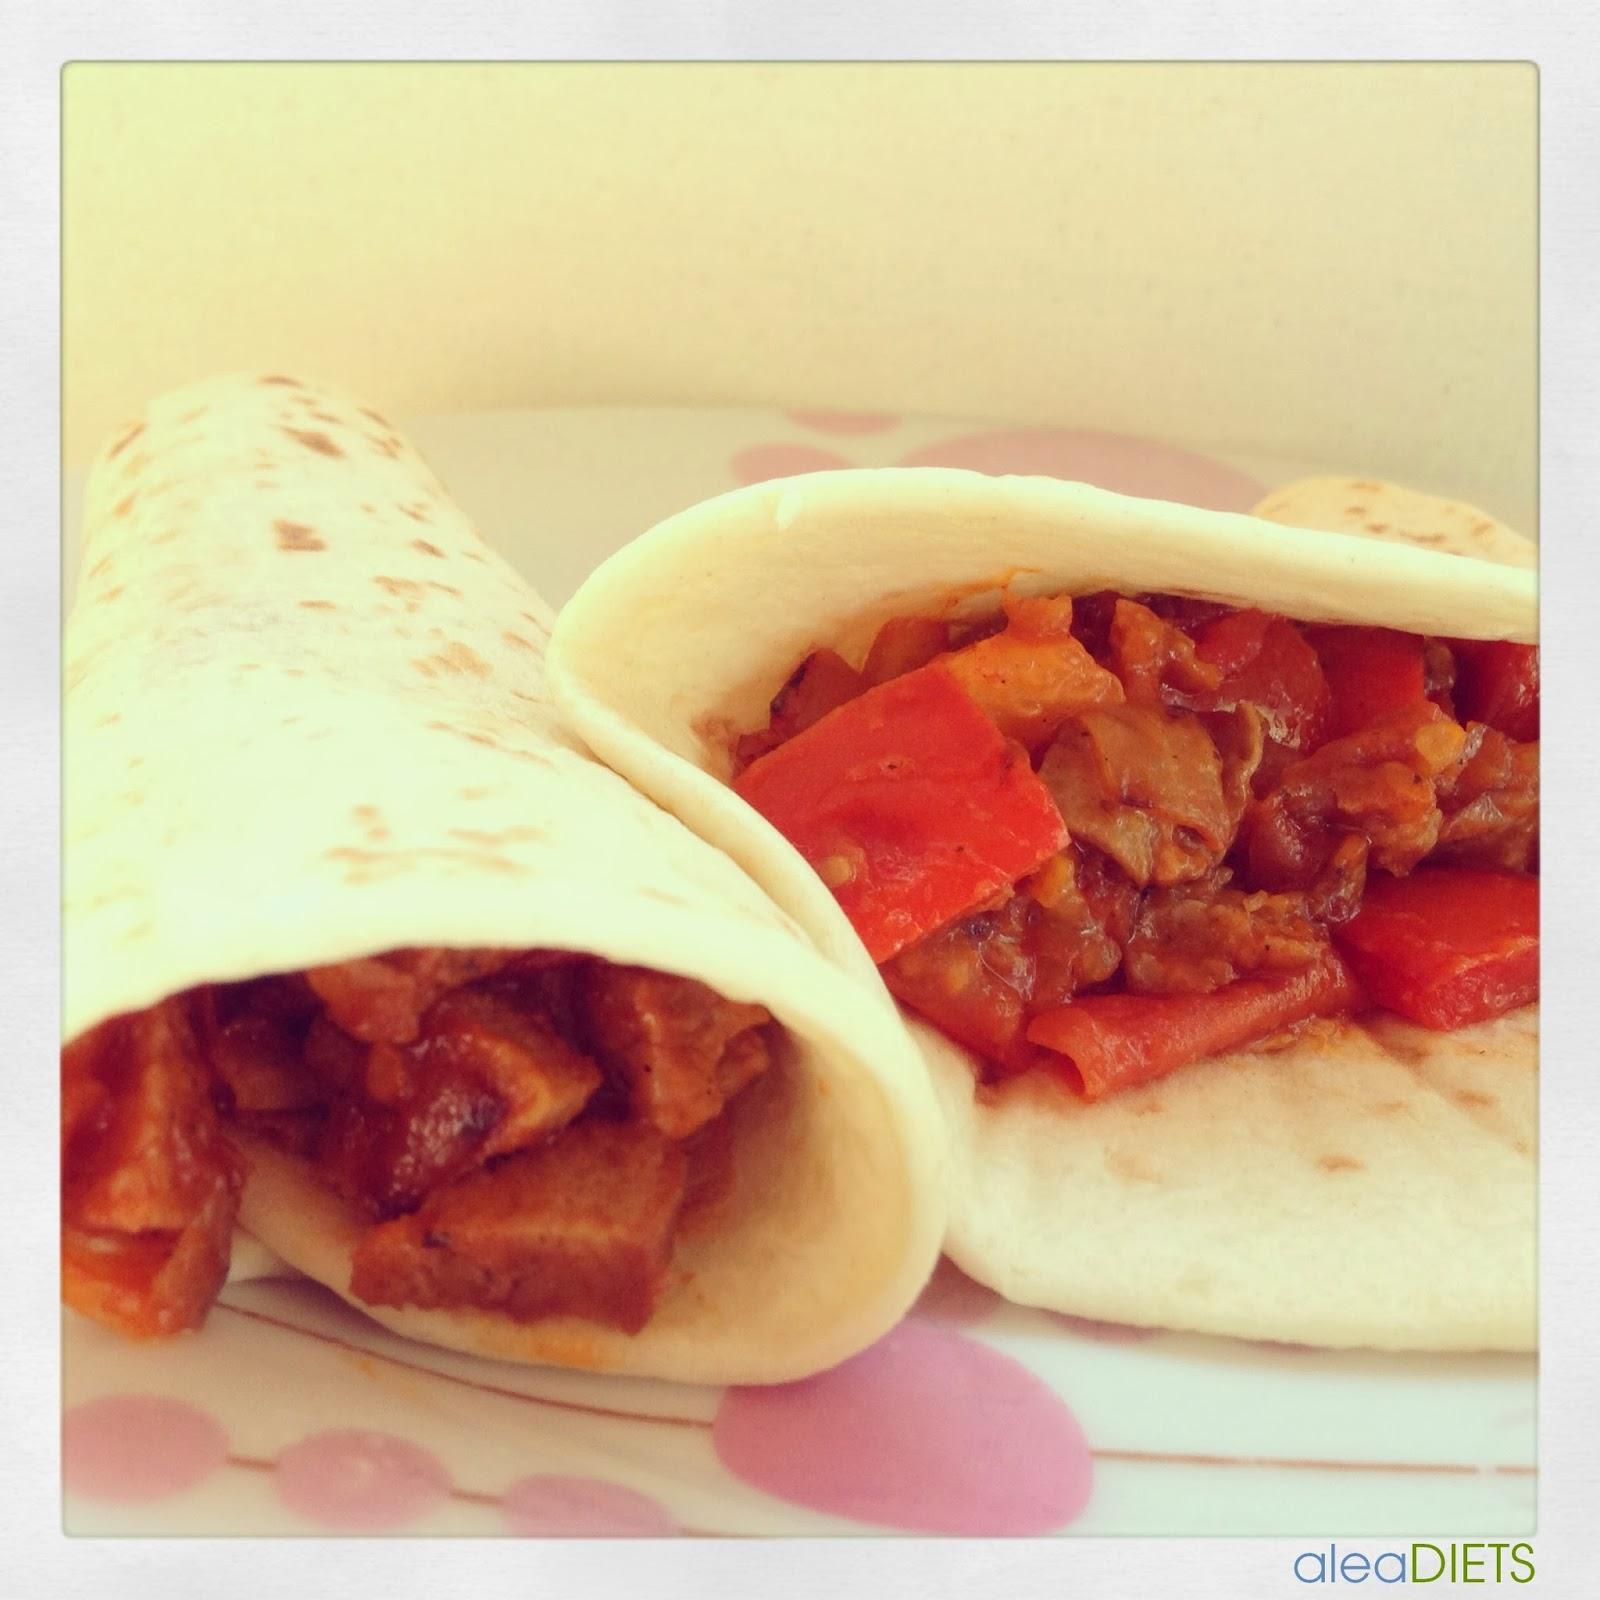 Burritos mejicanos  Recetas ricas de dieta de aleaDIETS